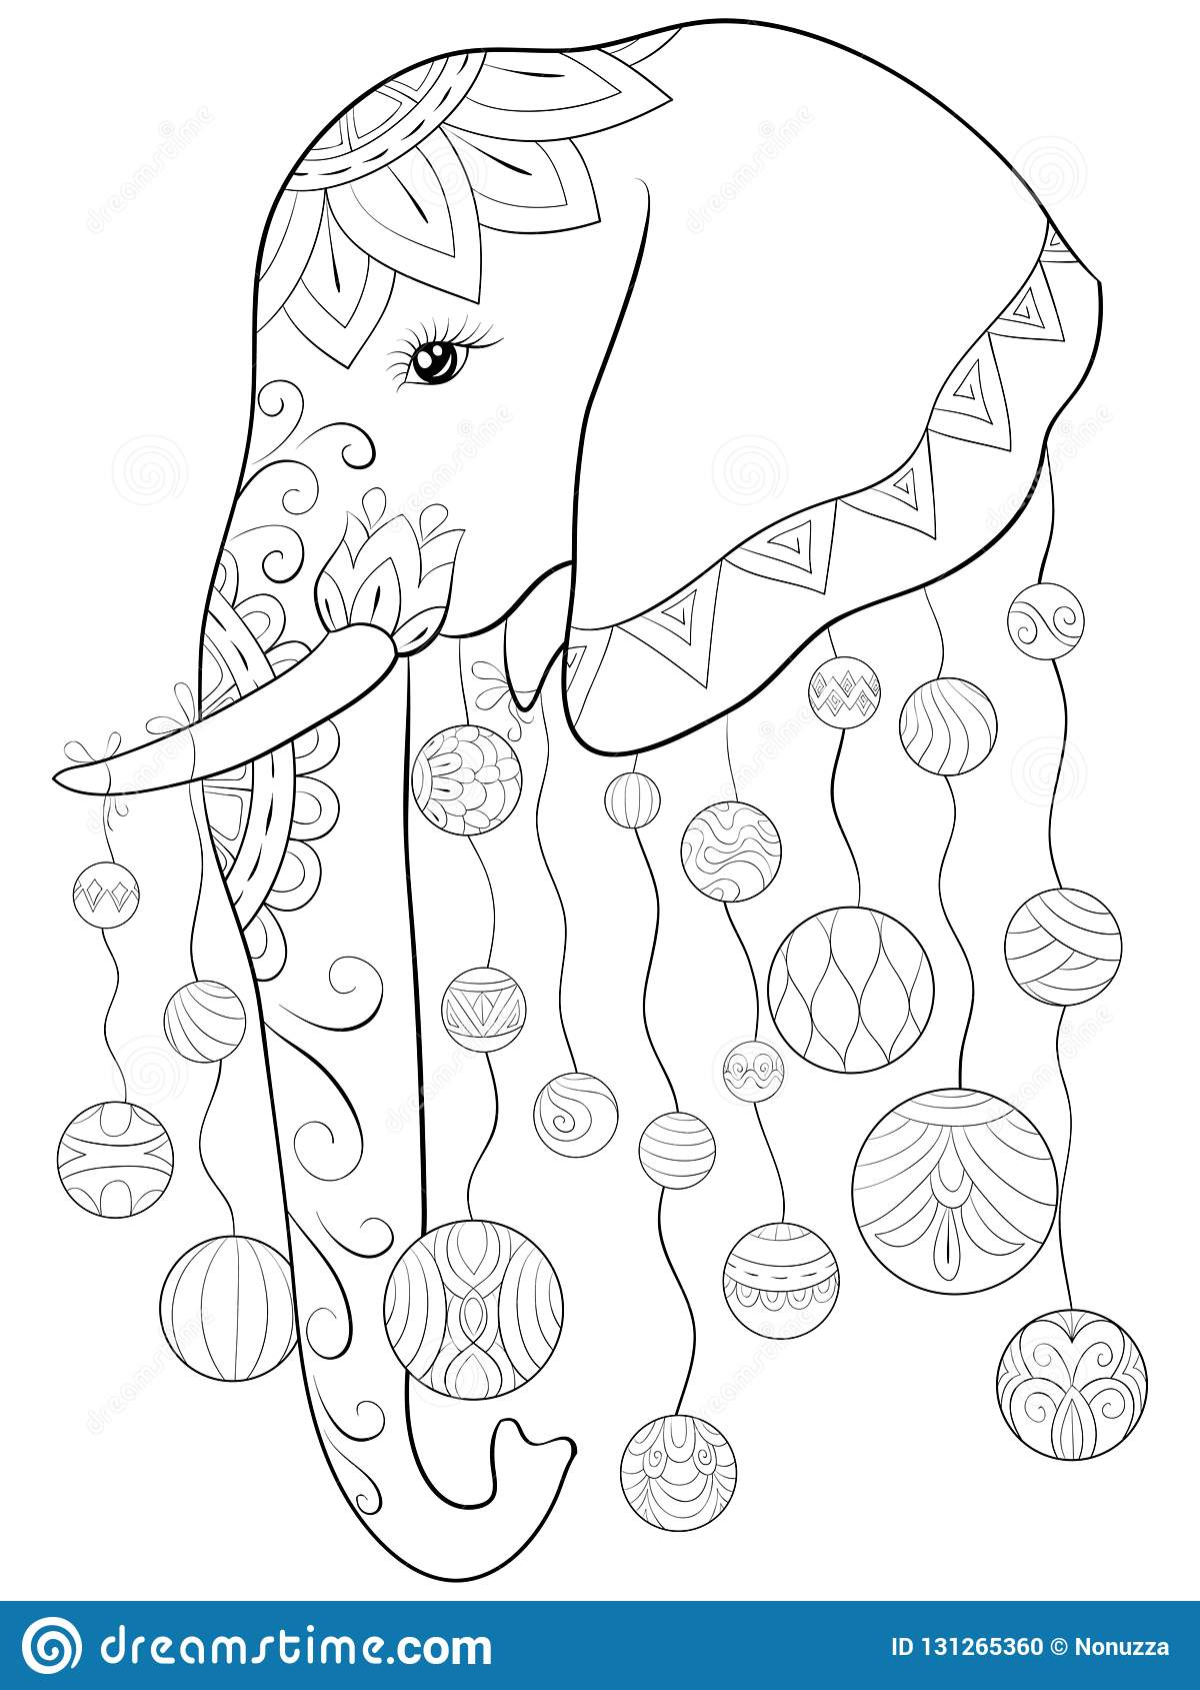 Coloriage Elephant Pour Adulte.Livre De Coloriage Adulte Page Une Image Mignonne D Elephant Pour L